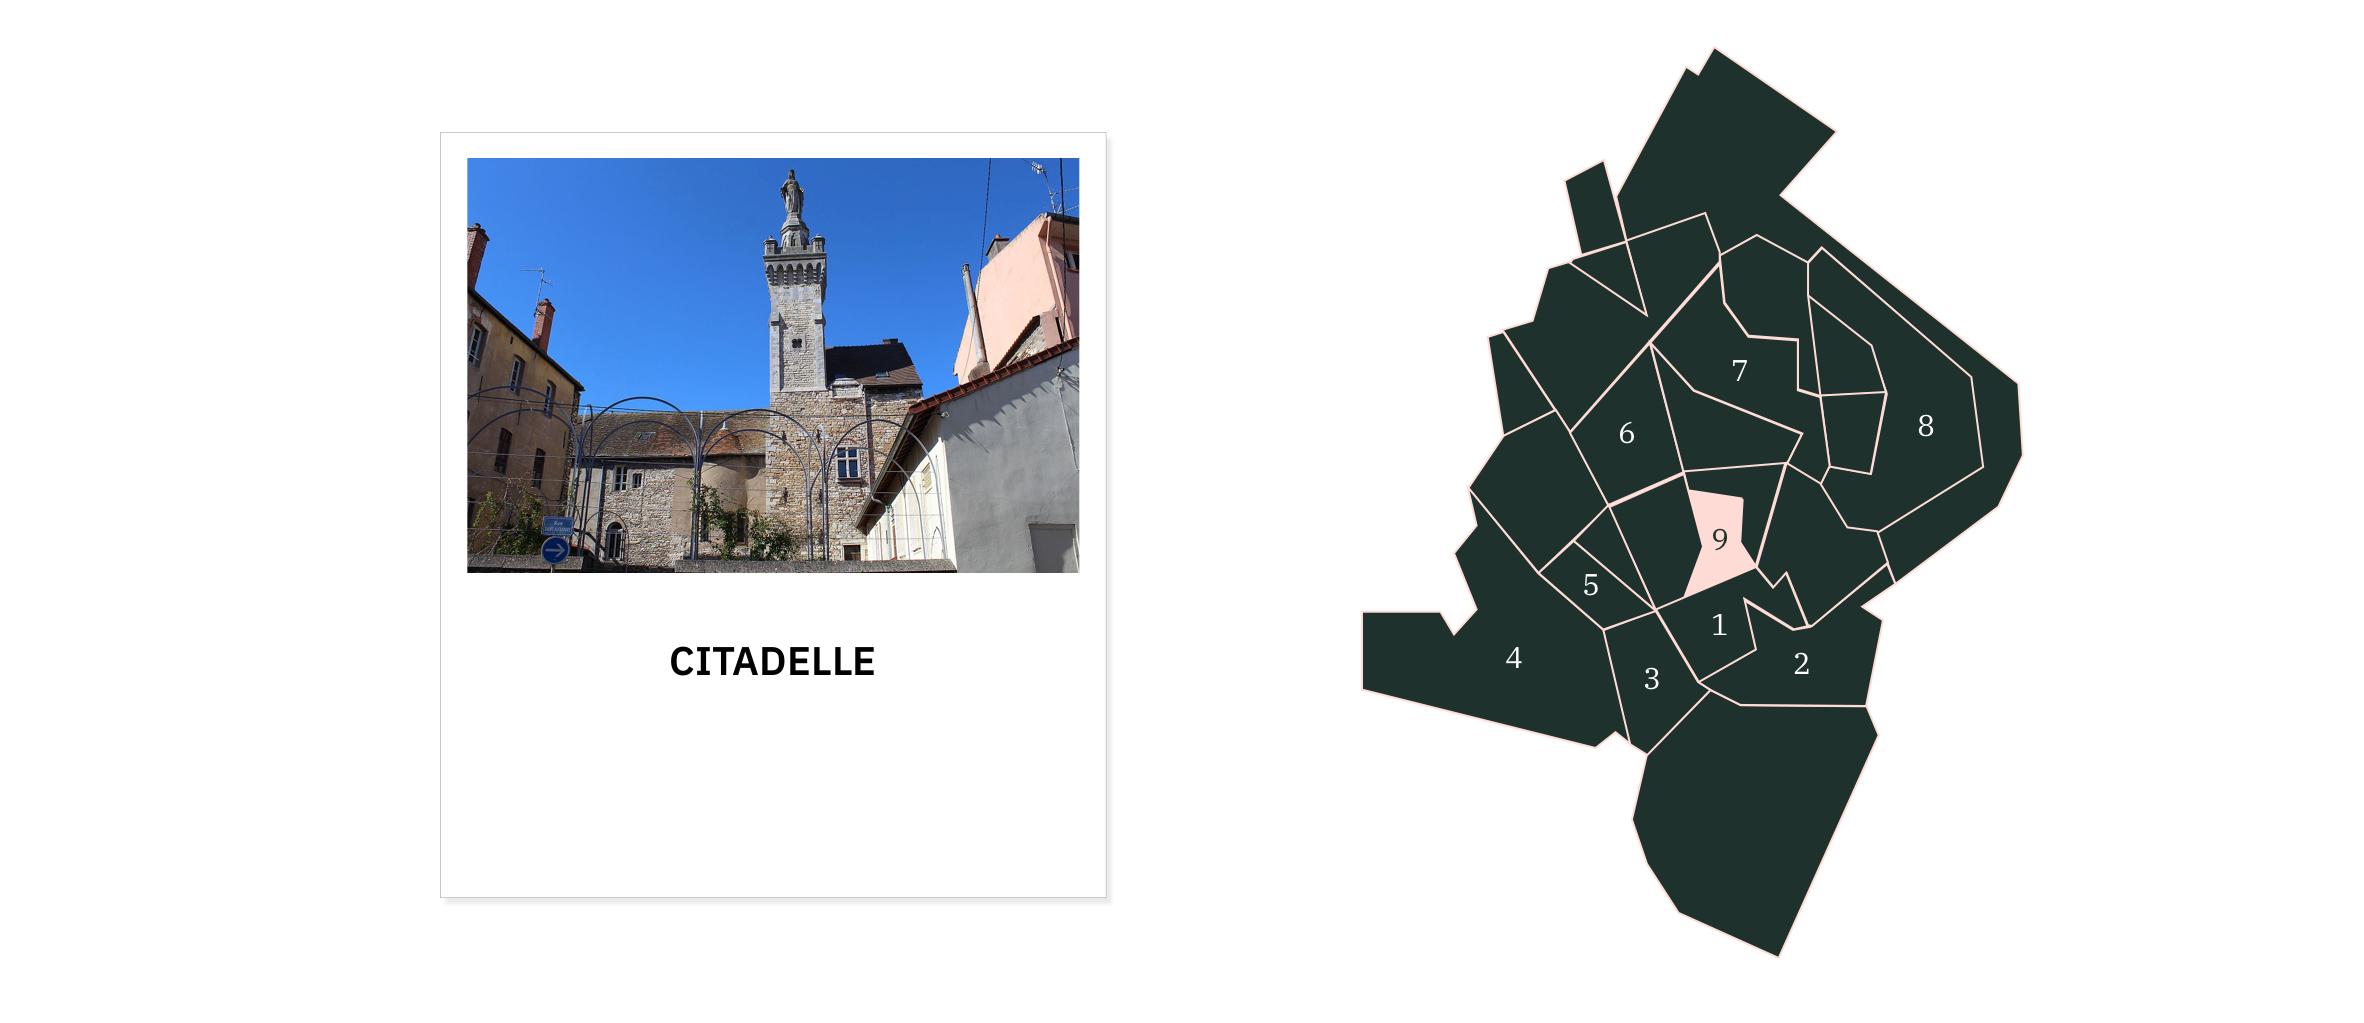 La Citadelle ⎮ Quartiers de Chalon-sur-Saône